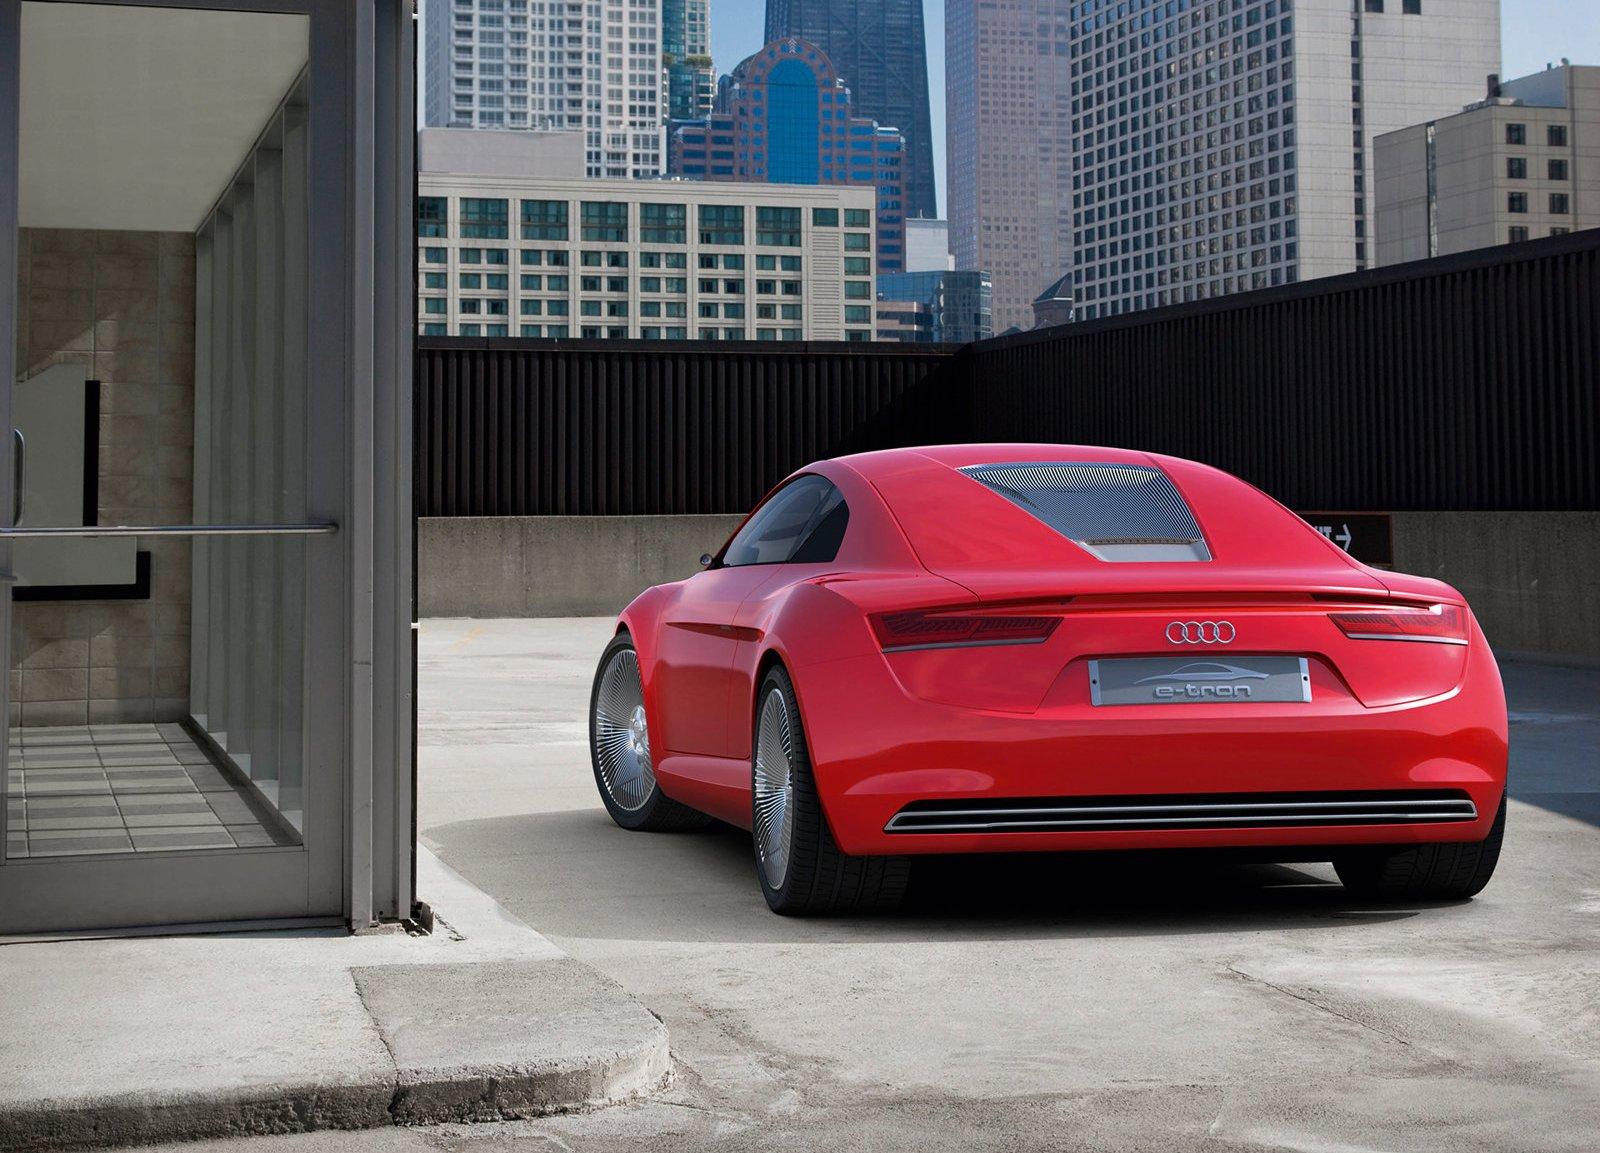 http://3.bp.blogspot.com/_voh-QE4LUAk/TUVsfwh-p5I/AAAAAAAAAGg/TMK1K8KpZ9o/s1600/Audi-e-tron_Concept_2009_1600x1200_wallpaper_11.jpg